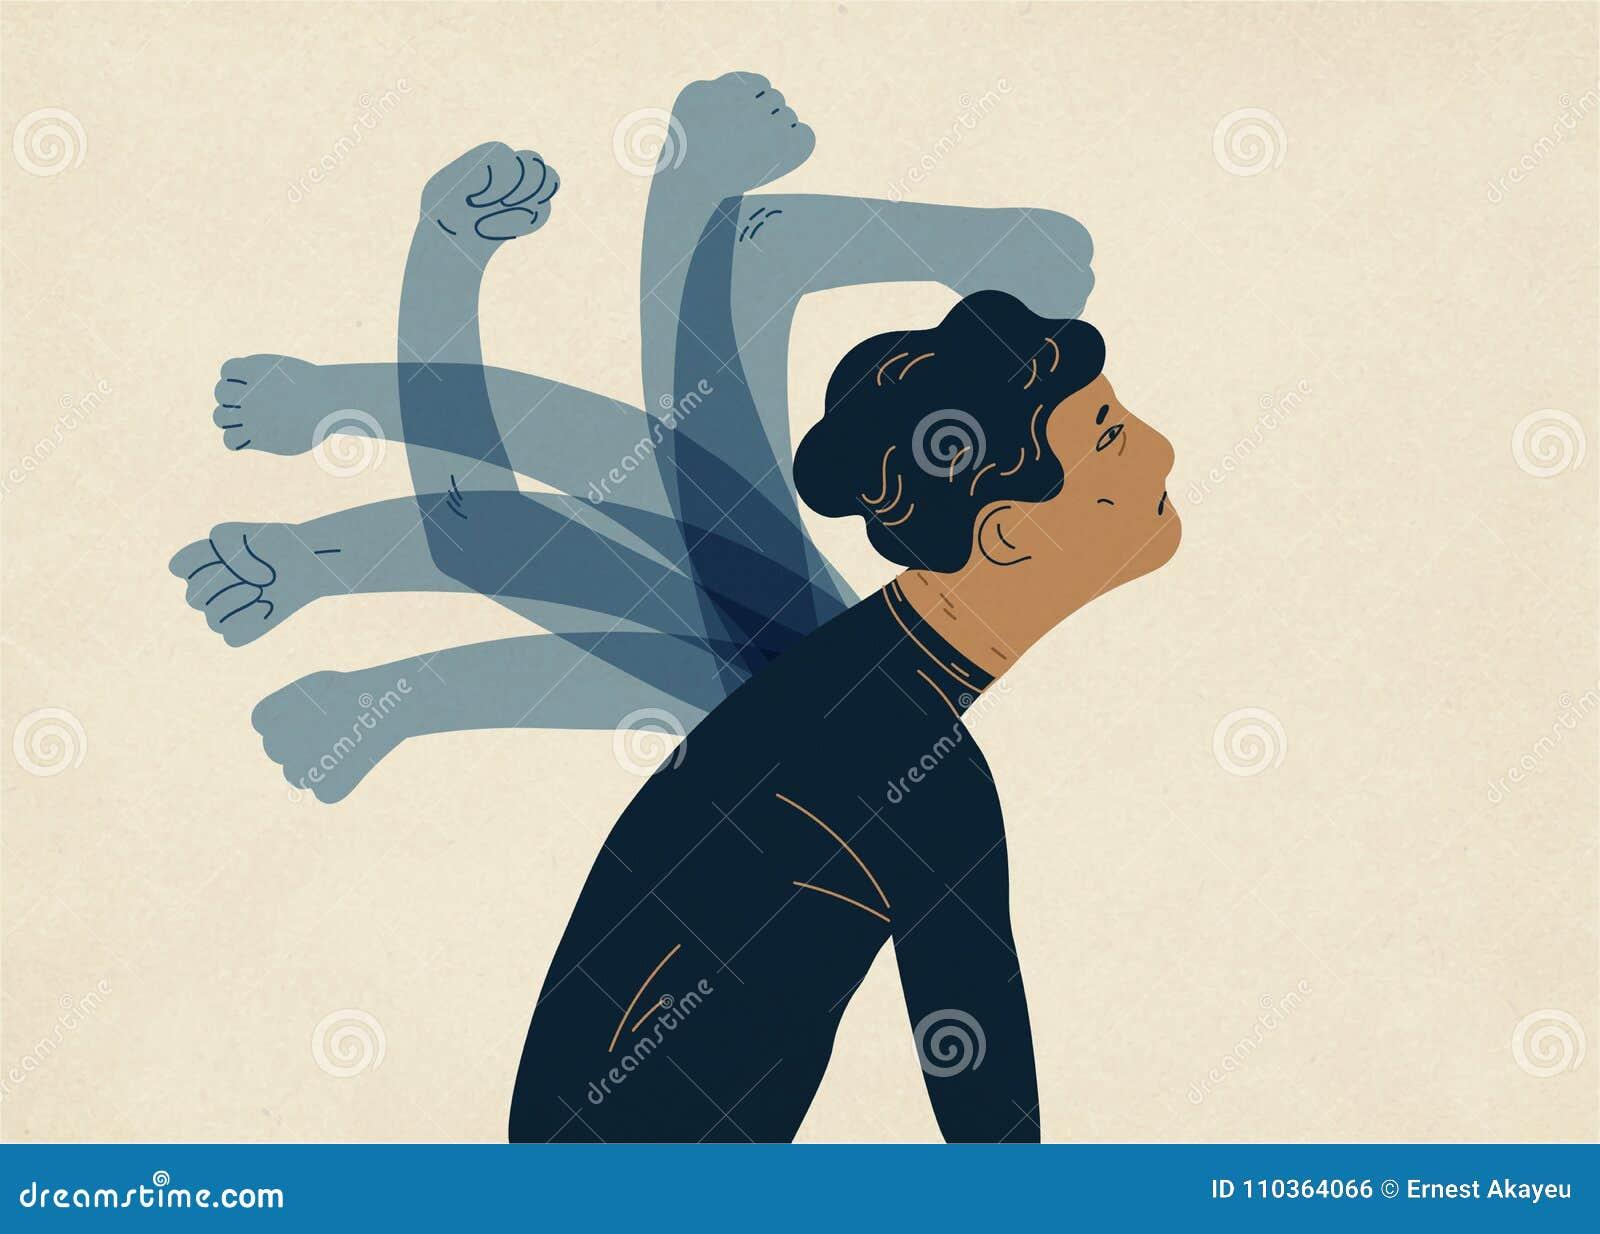 Διαφανή πνευματικά χέρια που κτυπούν το άτομο Έννοια του ψυχολογικού μόνος-flagellation, μόνος-τιμωρία, μόνος-εξευτελισμός, μόνος